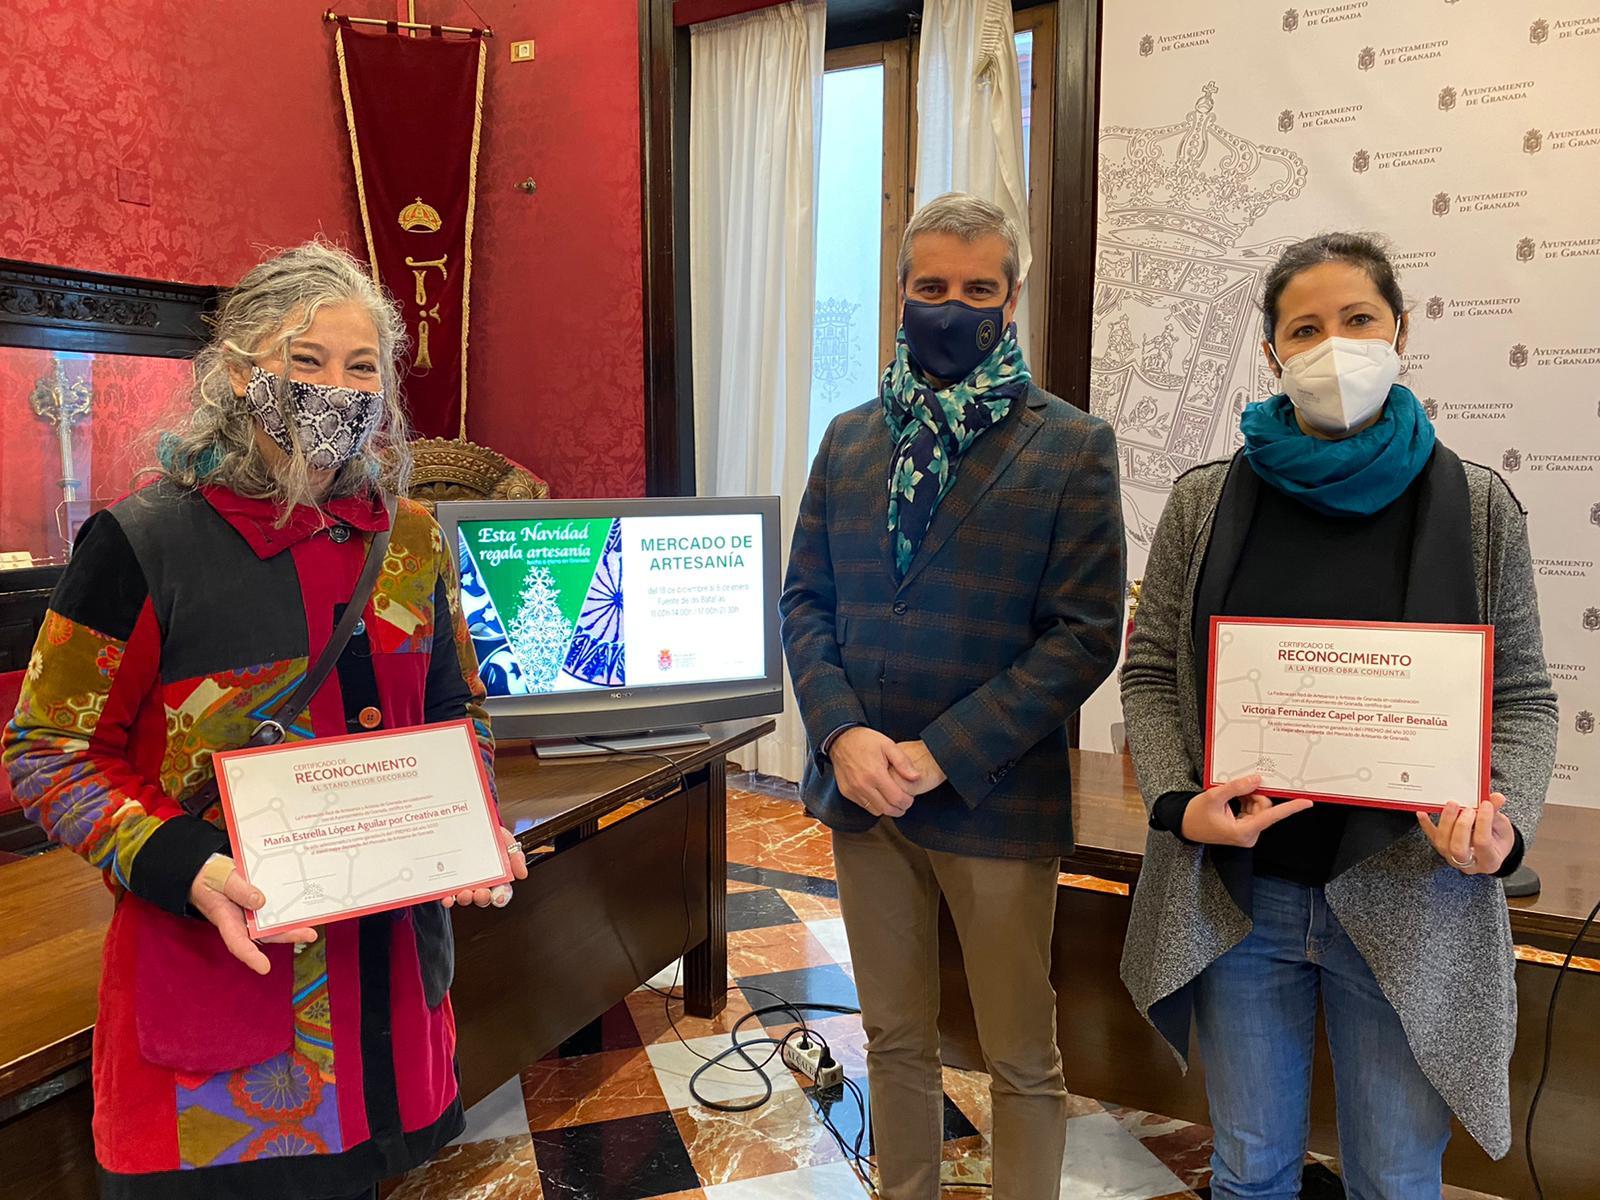 El Ayuntamiento premia a dos puestos del mercado de artesanía granadina